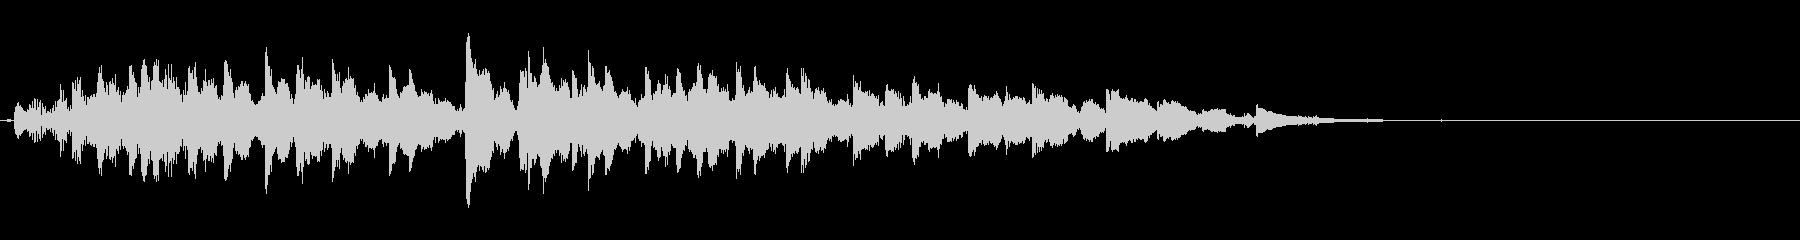 複数のオルゴールによるぐちゃぐちゃ音の未再生の波形